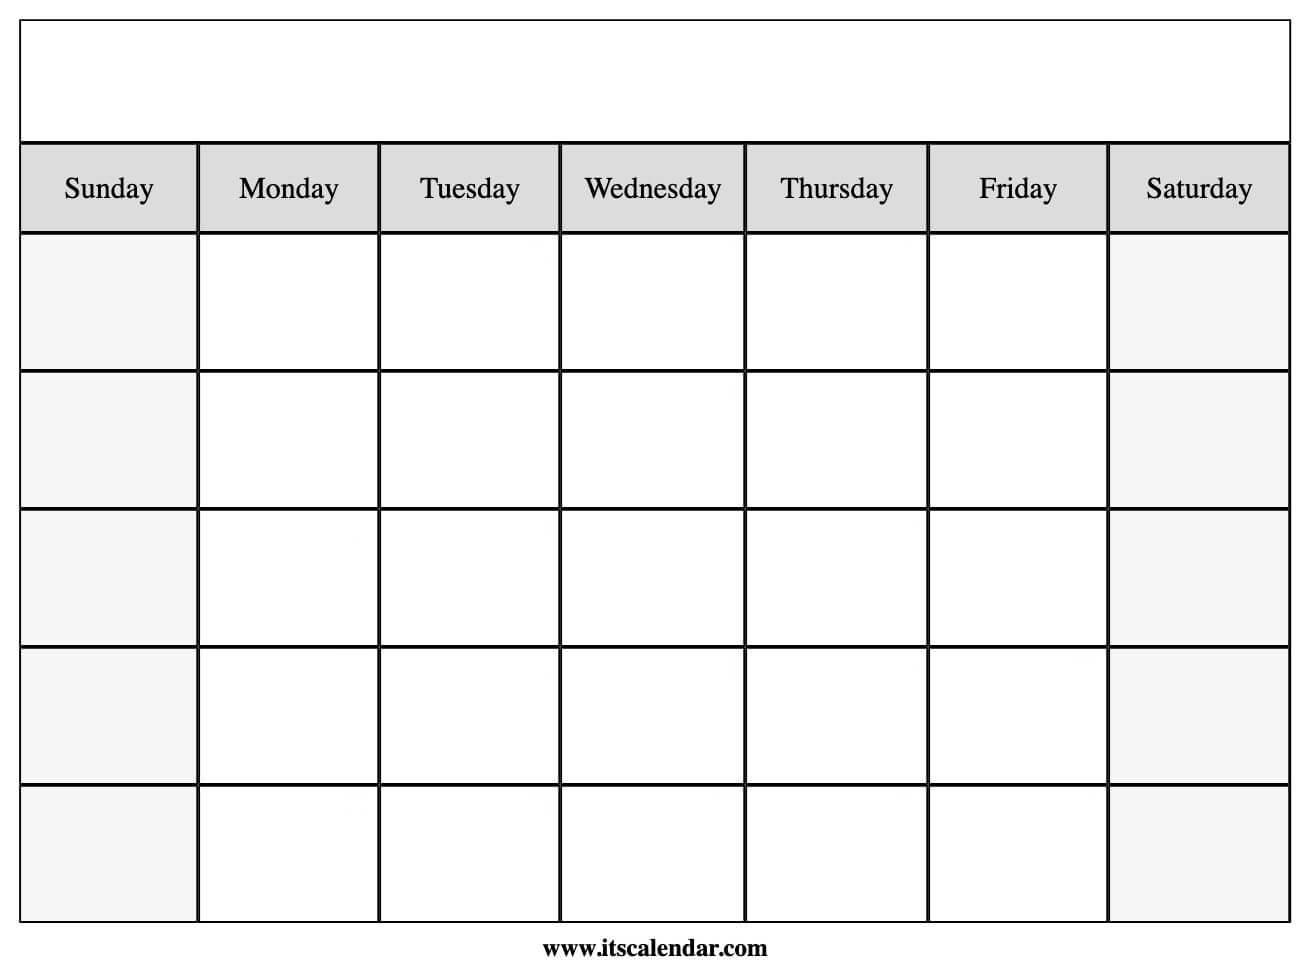 Blank Template Calendar from www.itscalendar.com